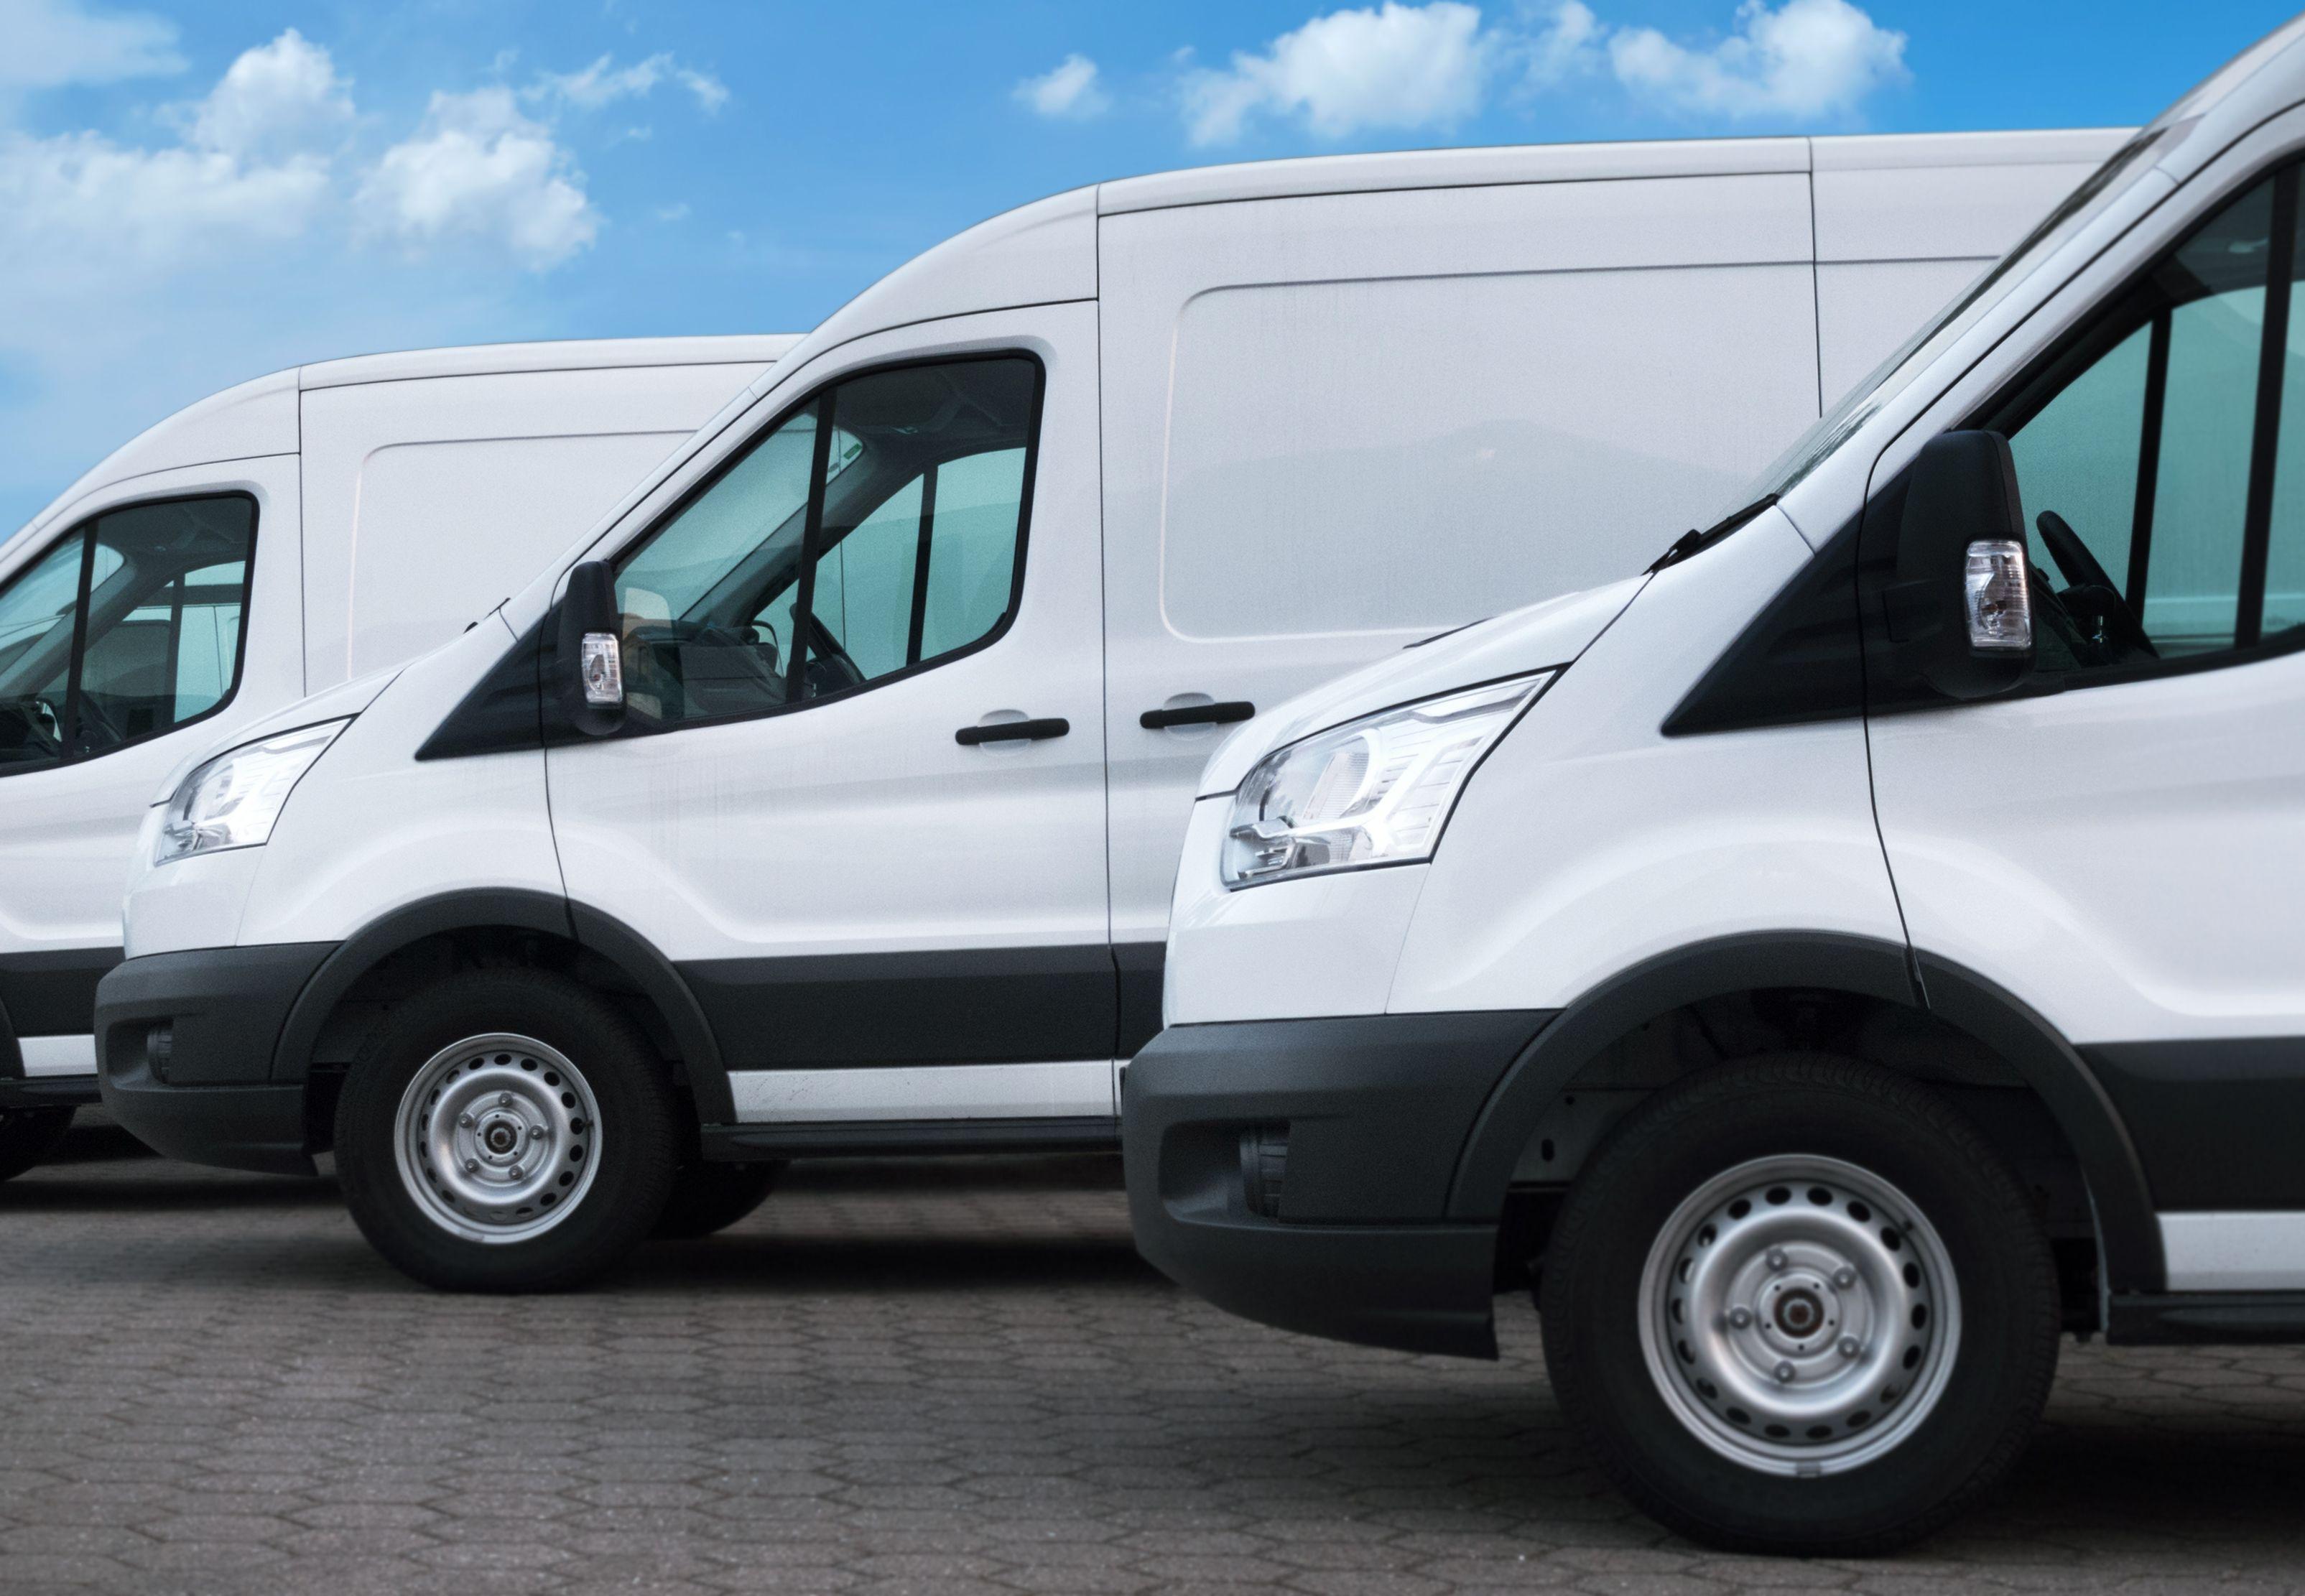 Alquiler de furgonetas para mudanzas en Bilbao